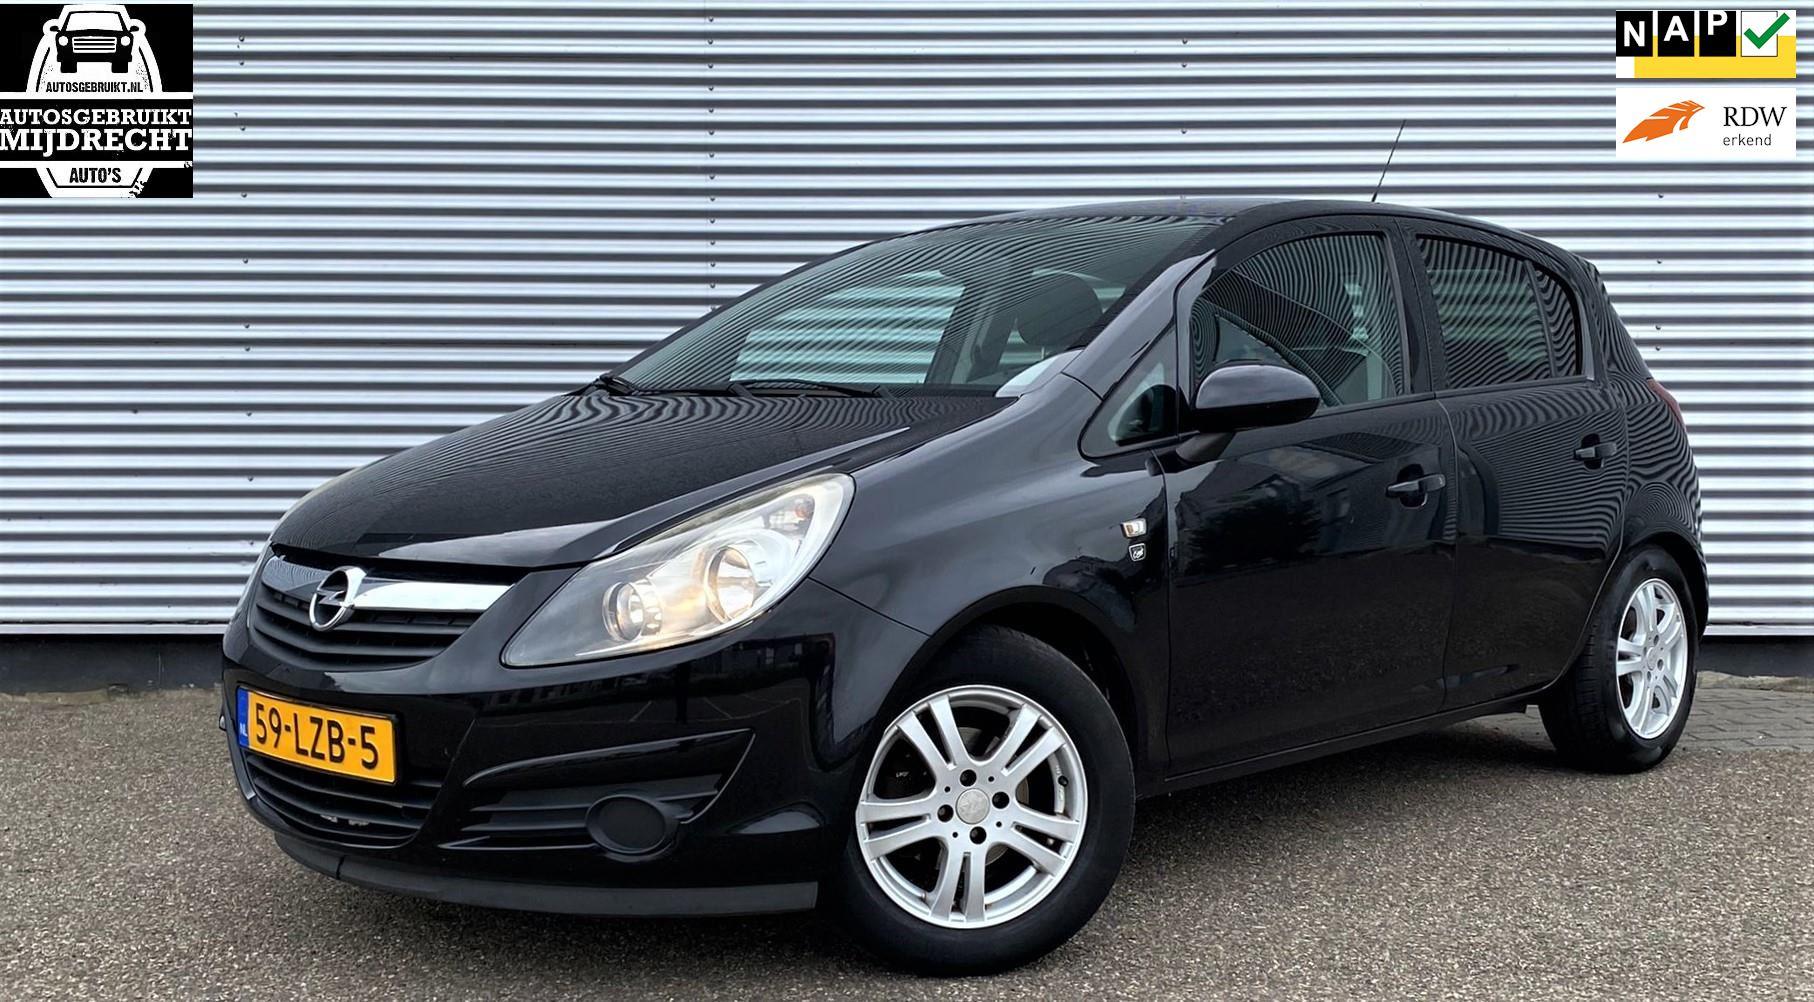 Opel Corsa occasion - Autosgebruikt Mijdrecht